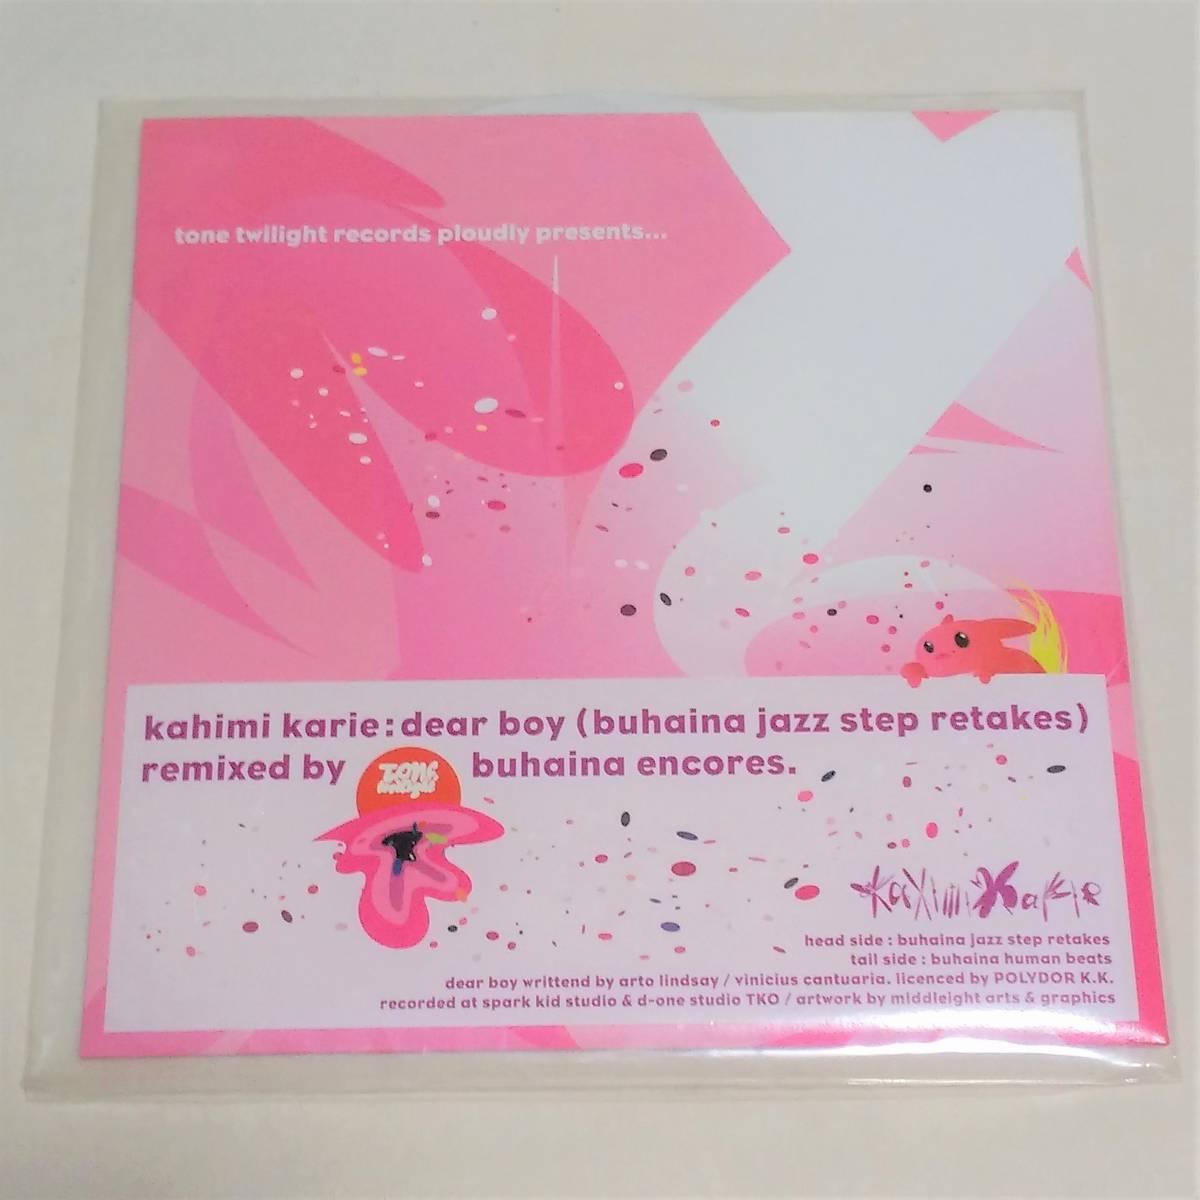 カヒミ カリィ kahimi karie dear boy 限定 7インチレコード ホワイト・ヴァイナル コーネリアス フリッパーズギター 小沢健二